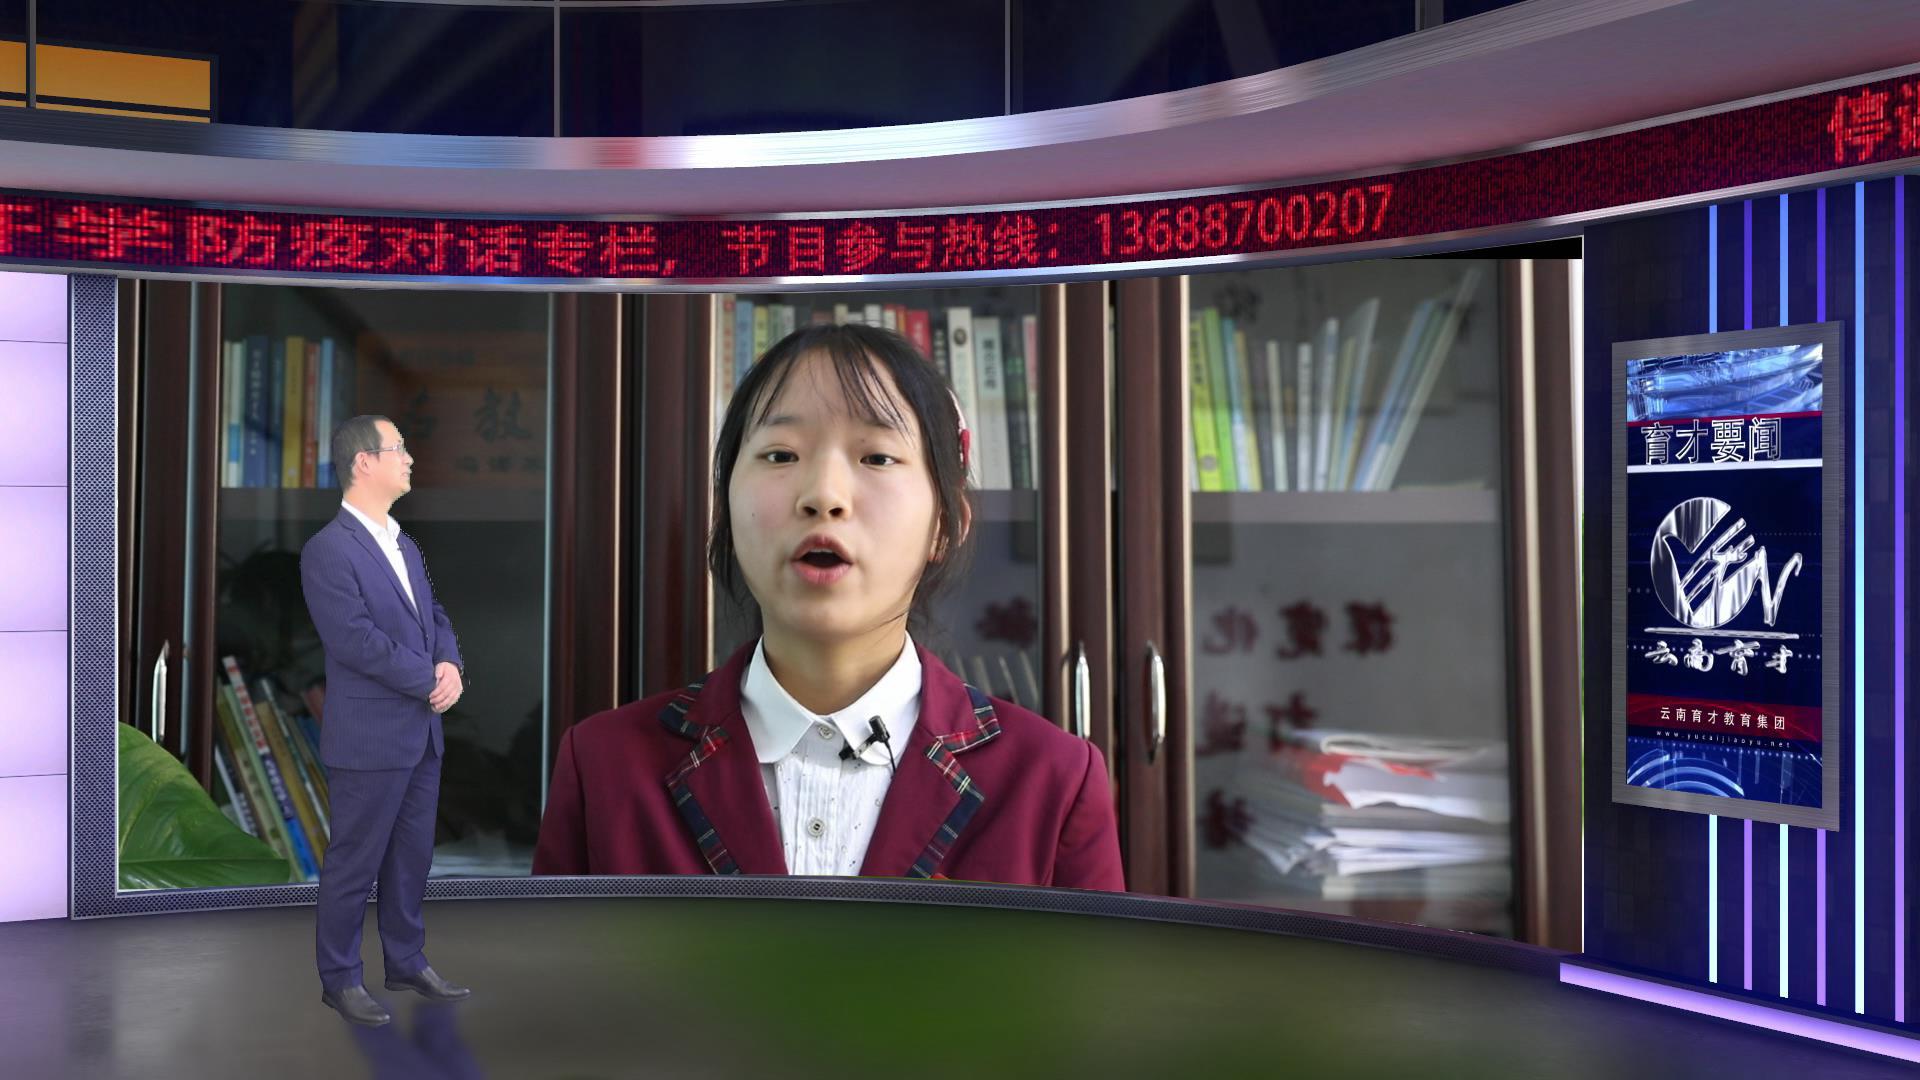 必威体育娱乐平台怎么做好防疫与开学工作,云南必威体育手机客户端校园电视特邀各校校长主任访谈对话